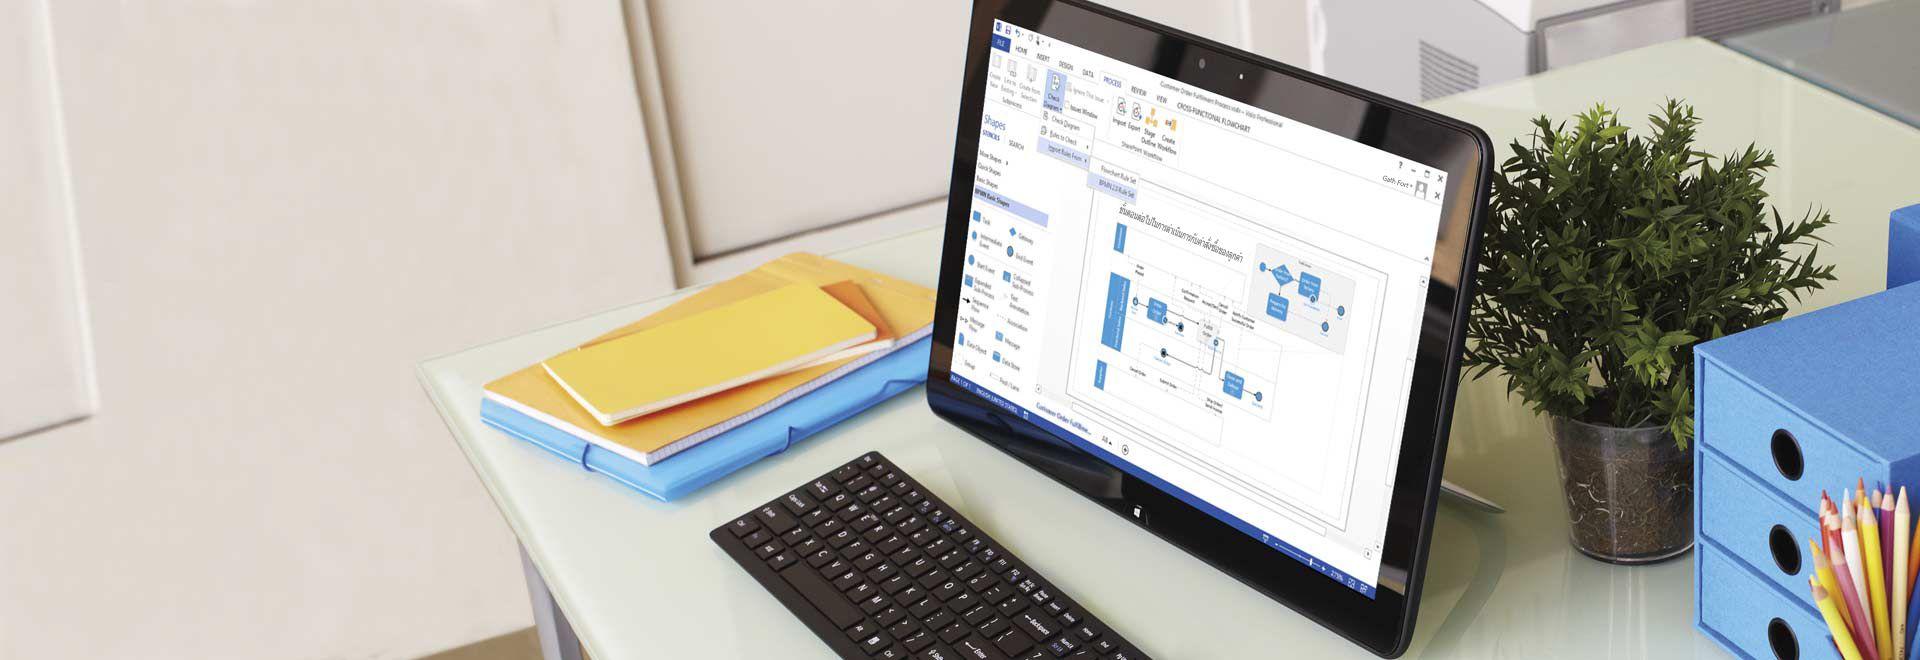 โต๊ะที่มีคอมพิวเตอร์แท็บเล็ตกำลังแสดงไดอะแกรมการดำเนินการใน Visio Professional 2016